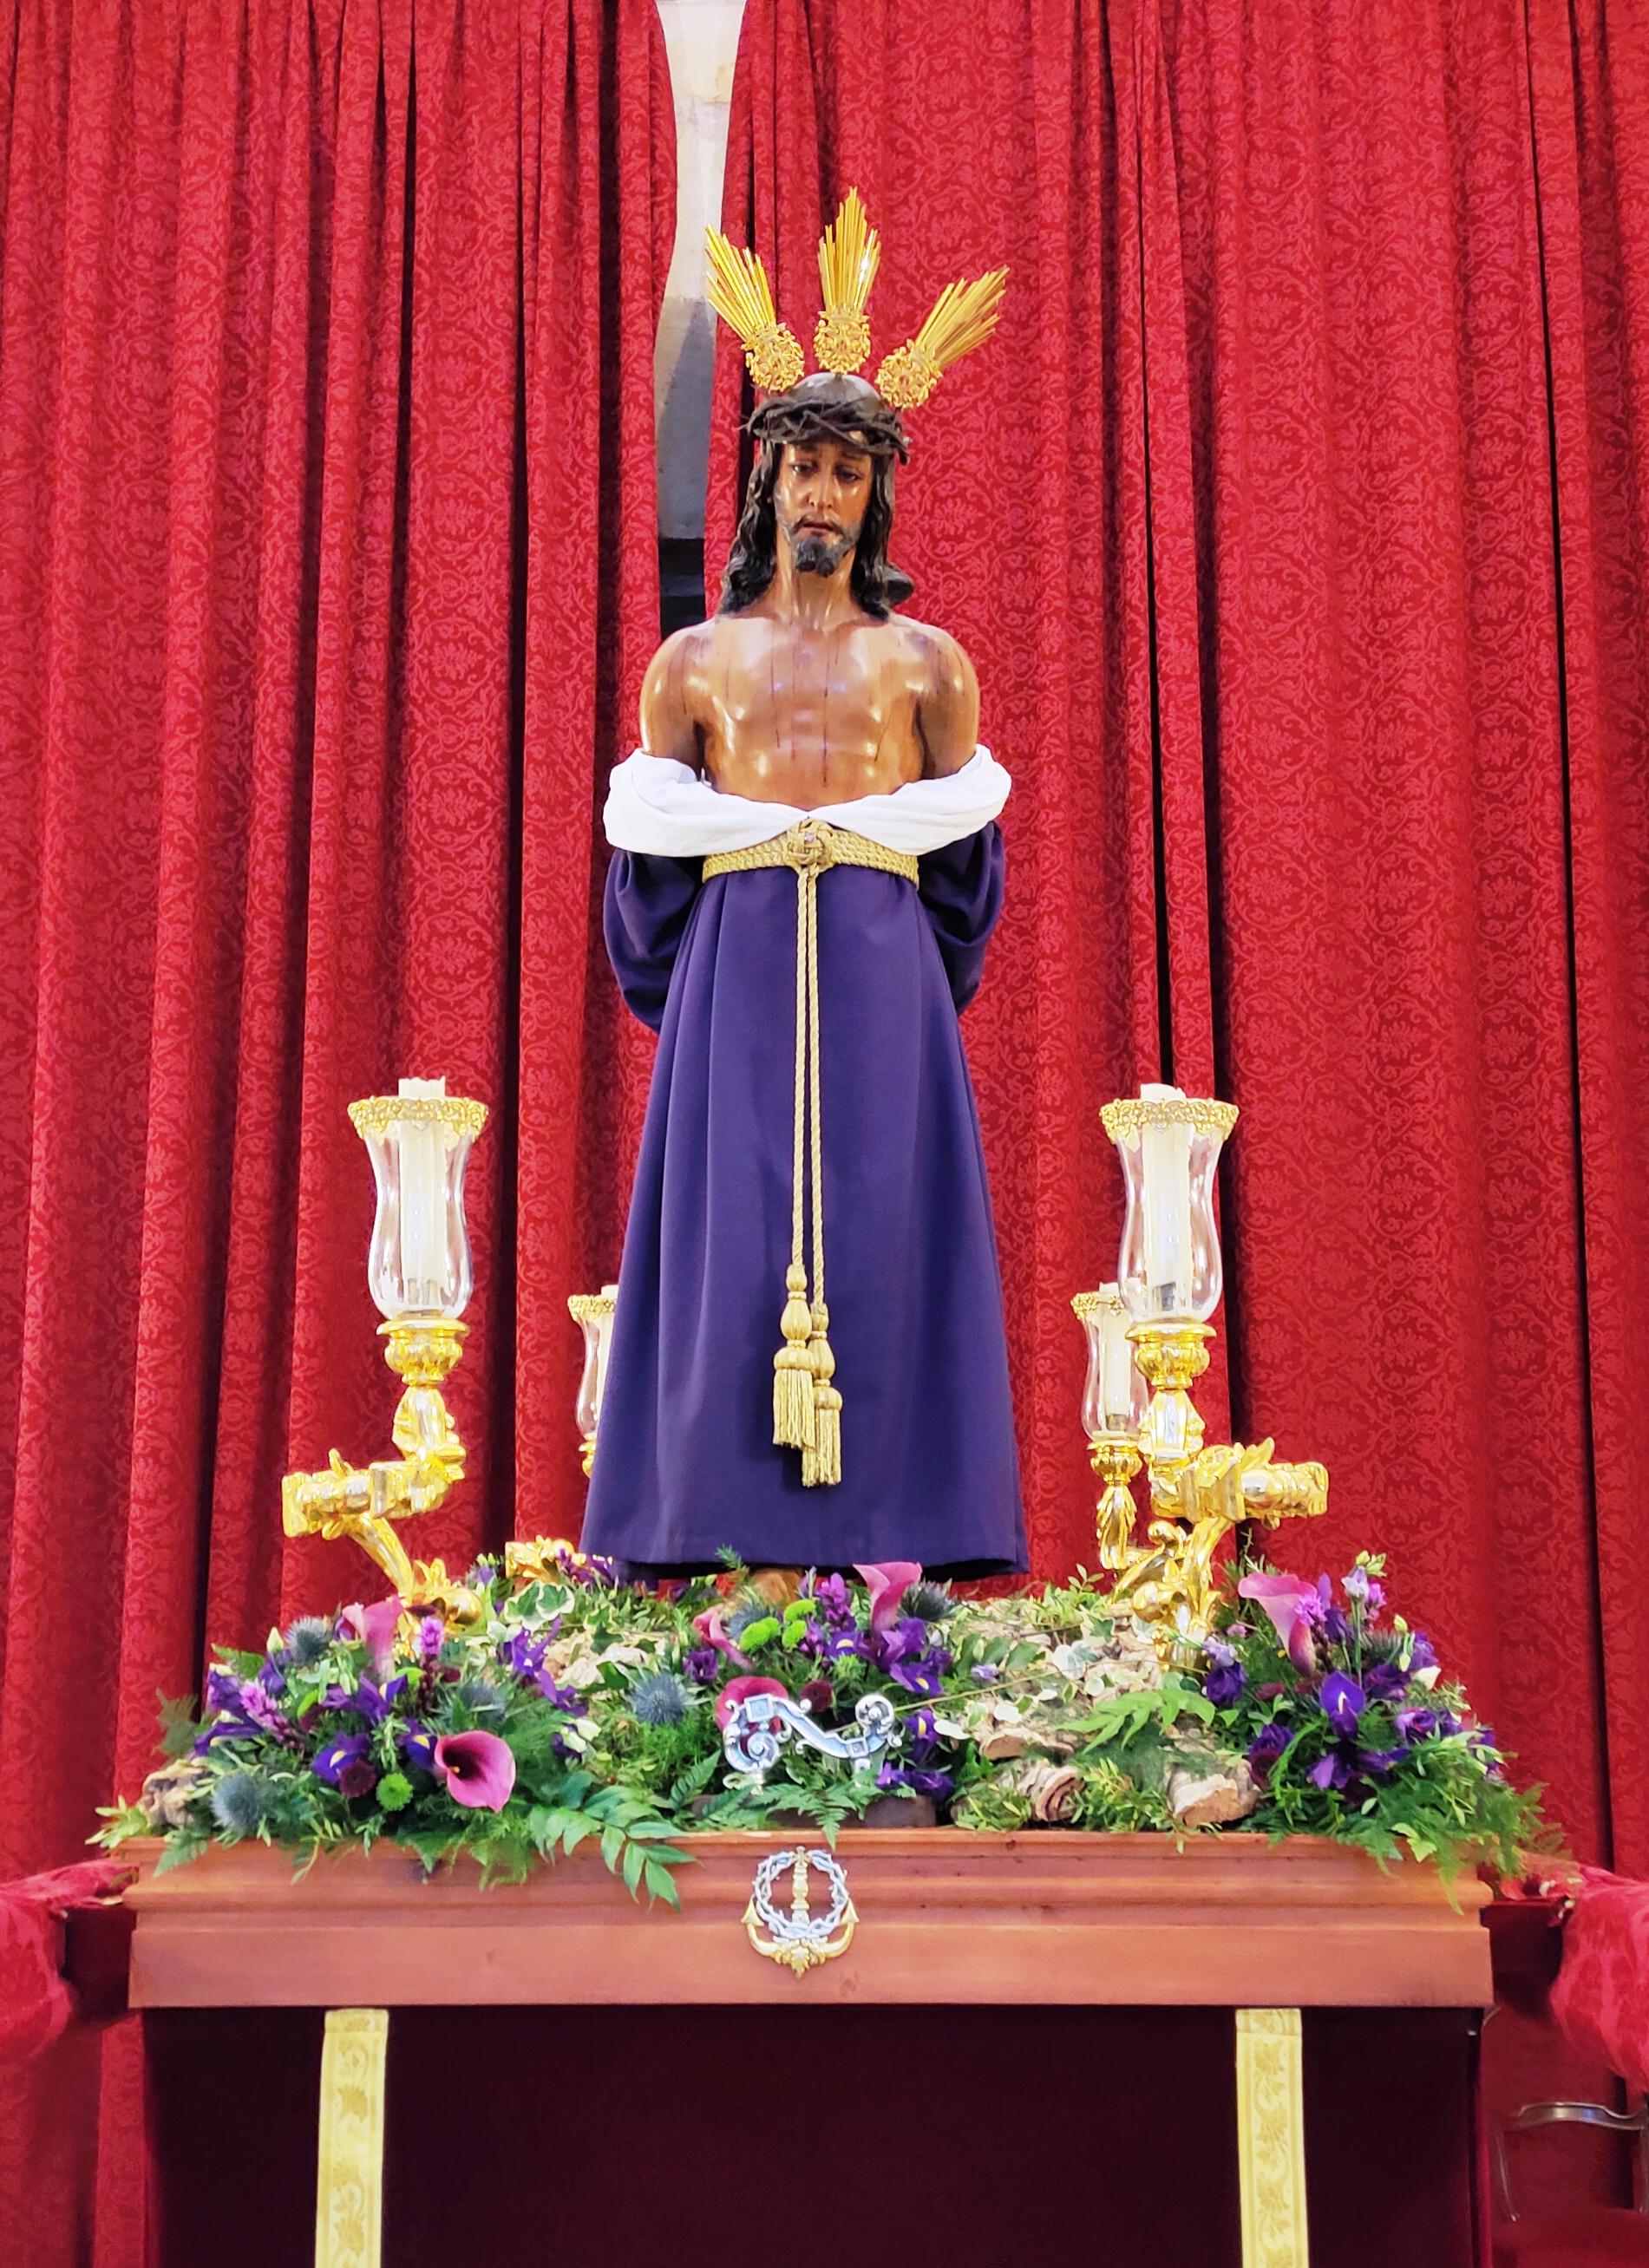 Все-таки умиляют меня католические обряды одевать фигуры Христа и святых, так странно смотрится)